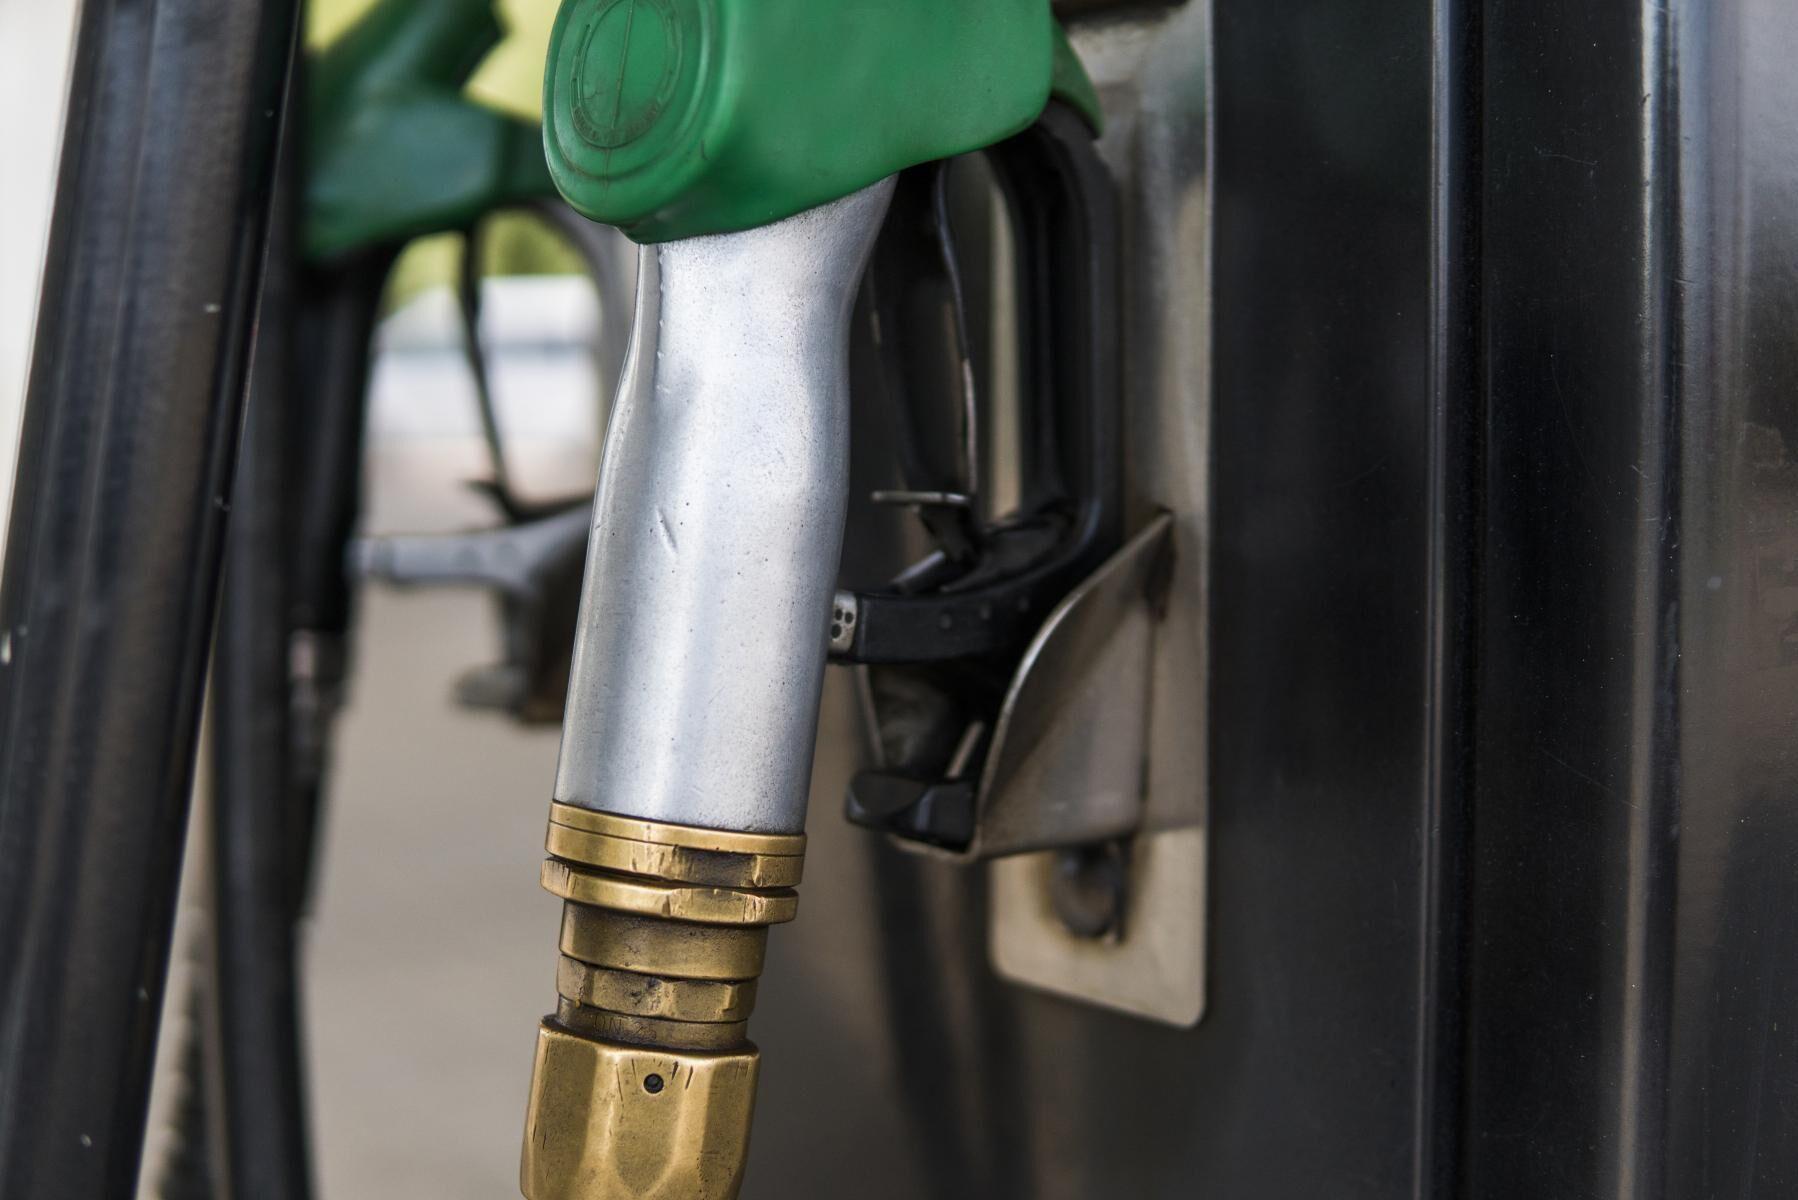 Priserna på bensin sjönk med 10 öre per liter. Arkivbild.